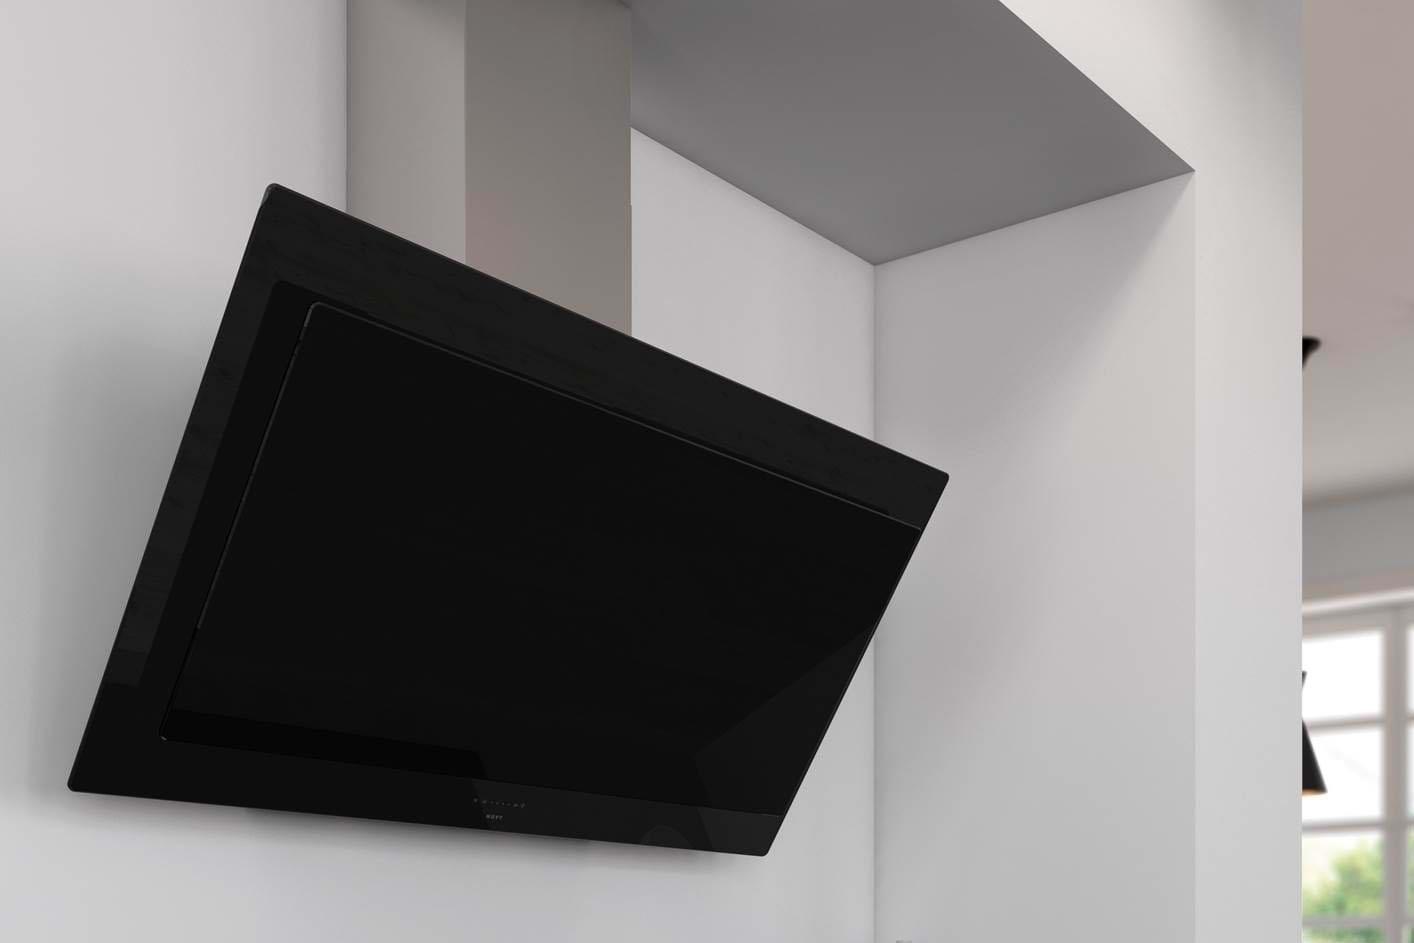 hotte novy pianos-et-fourneaux.com hotte murale noire